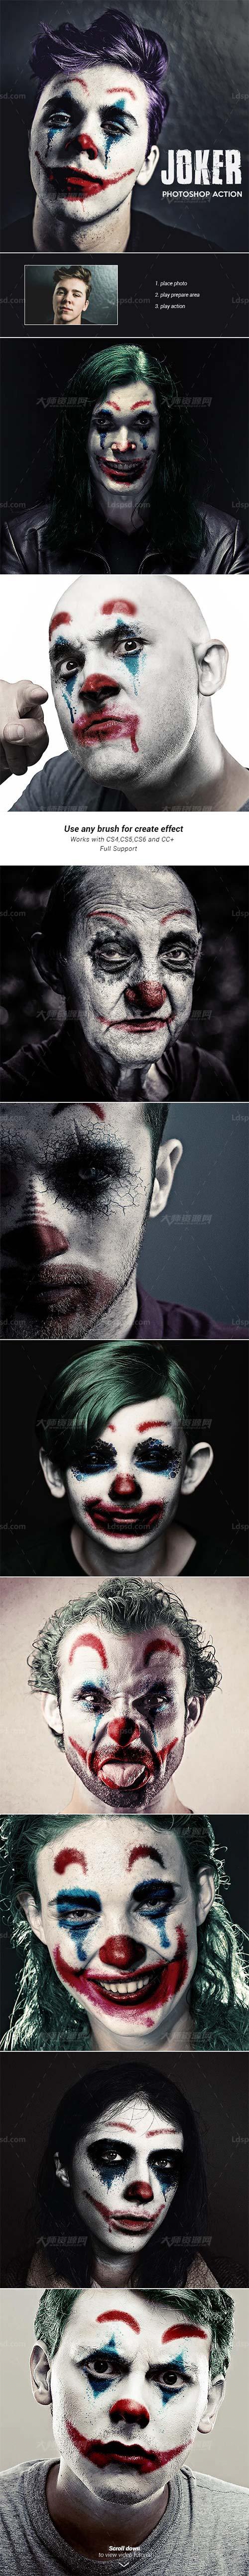 极品PS动作-滑稽之人(含高清视频教程):Joker - Photoshop Action